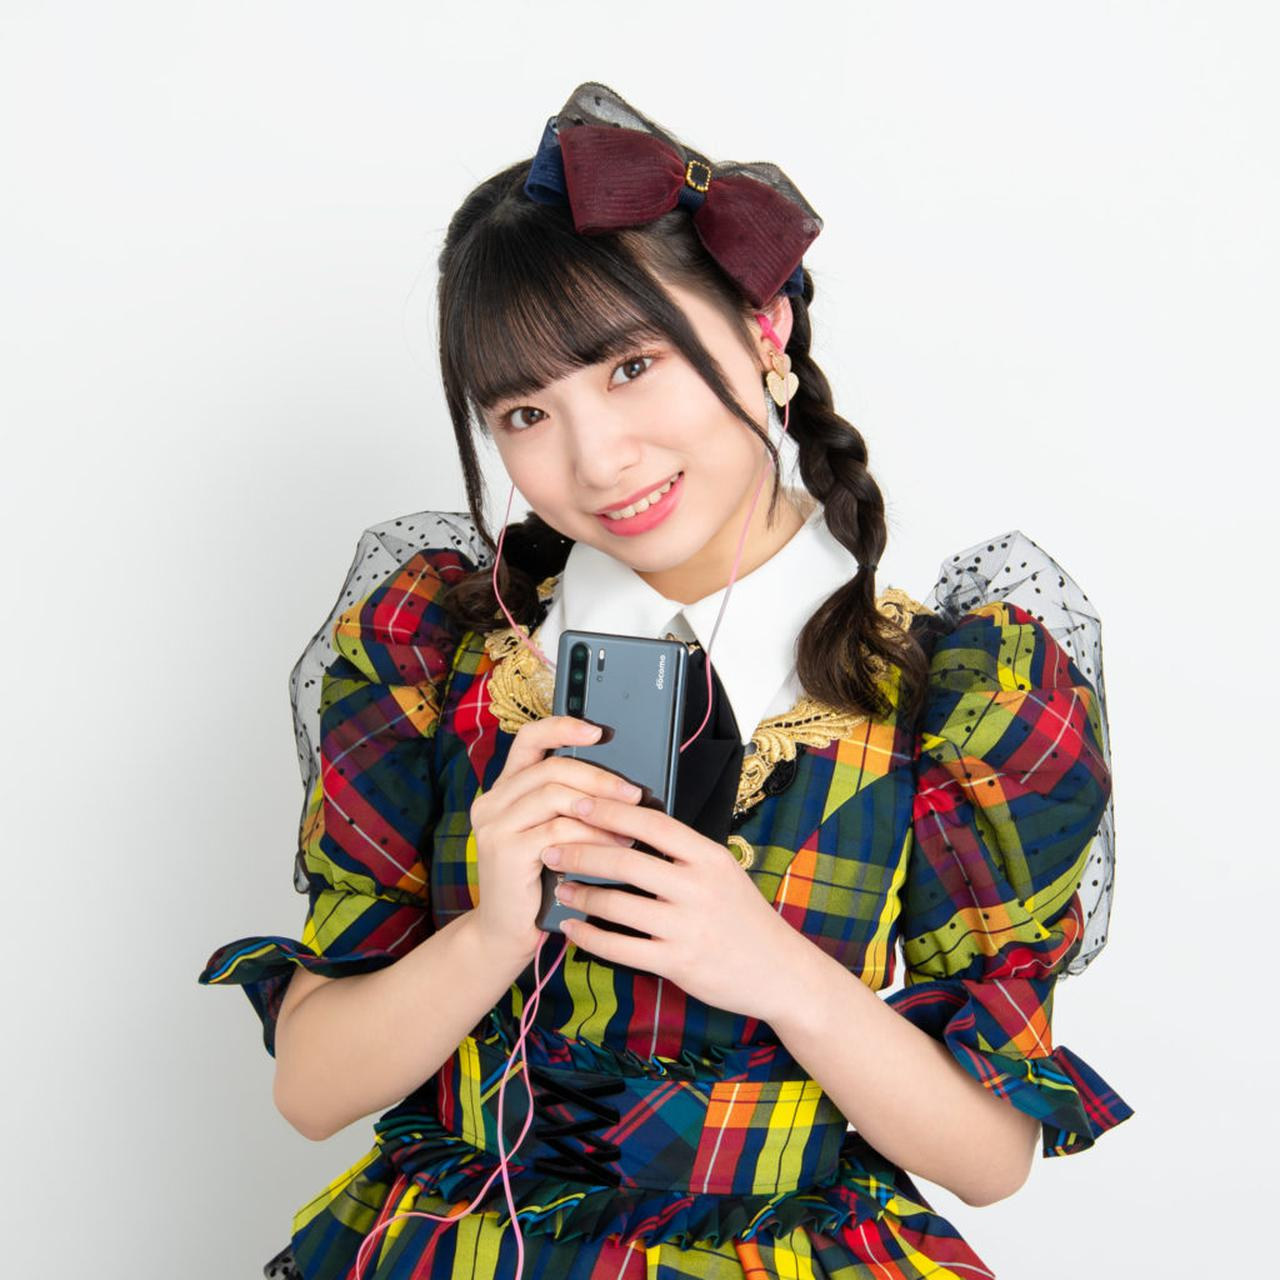 画像: 【AKB48久保怜音インタビュー】新曲「失恋、ありがとう」についての想いは?dヒッツで新コンテンツも公開!   レコログ